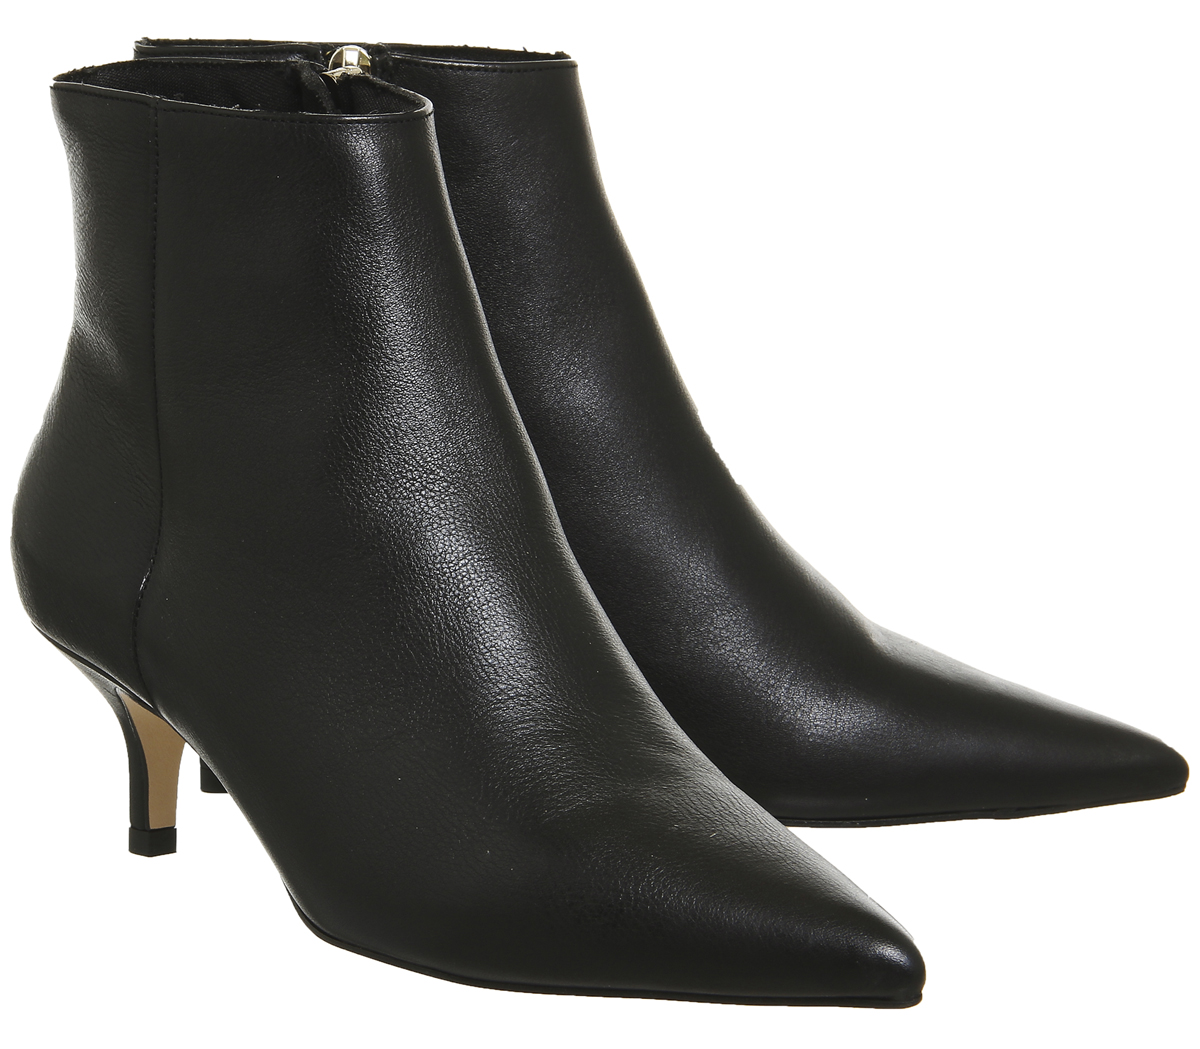 Womens OFFICE Alibi Kitten Heel BOOTS Black Leather BOOTS UK 6 | eBay